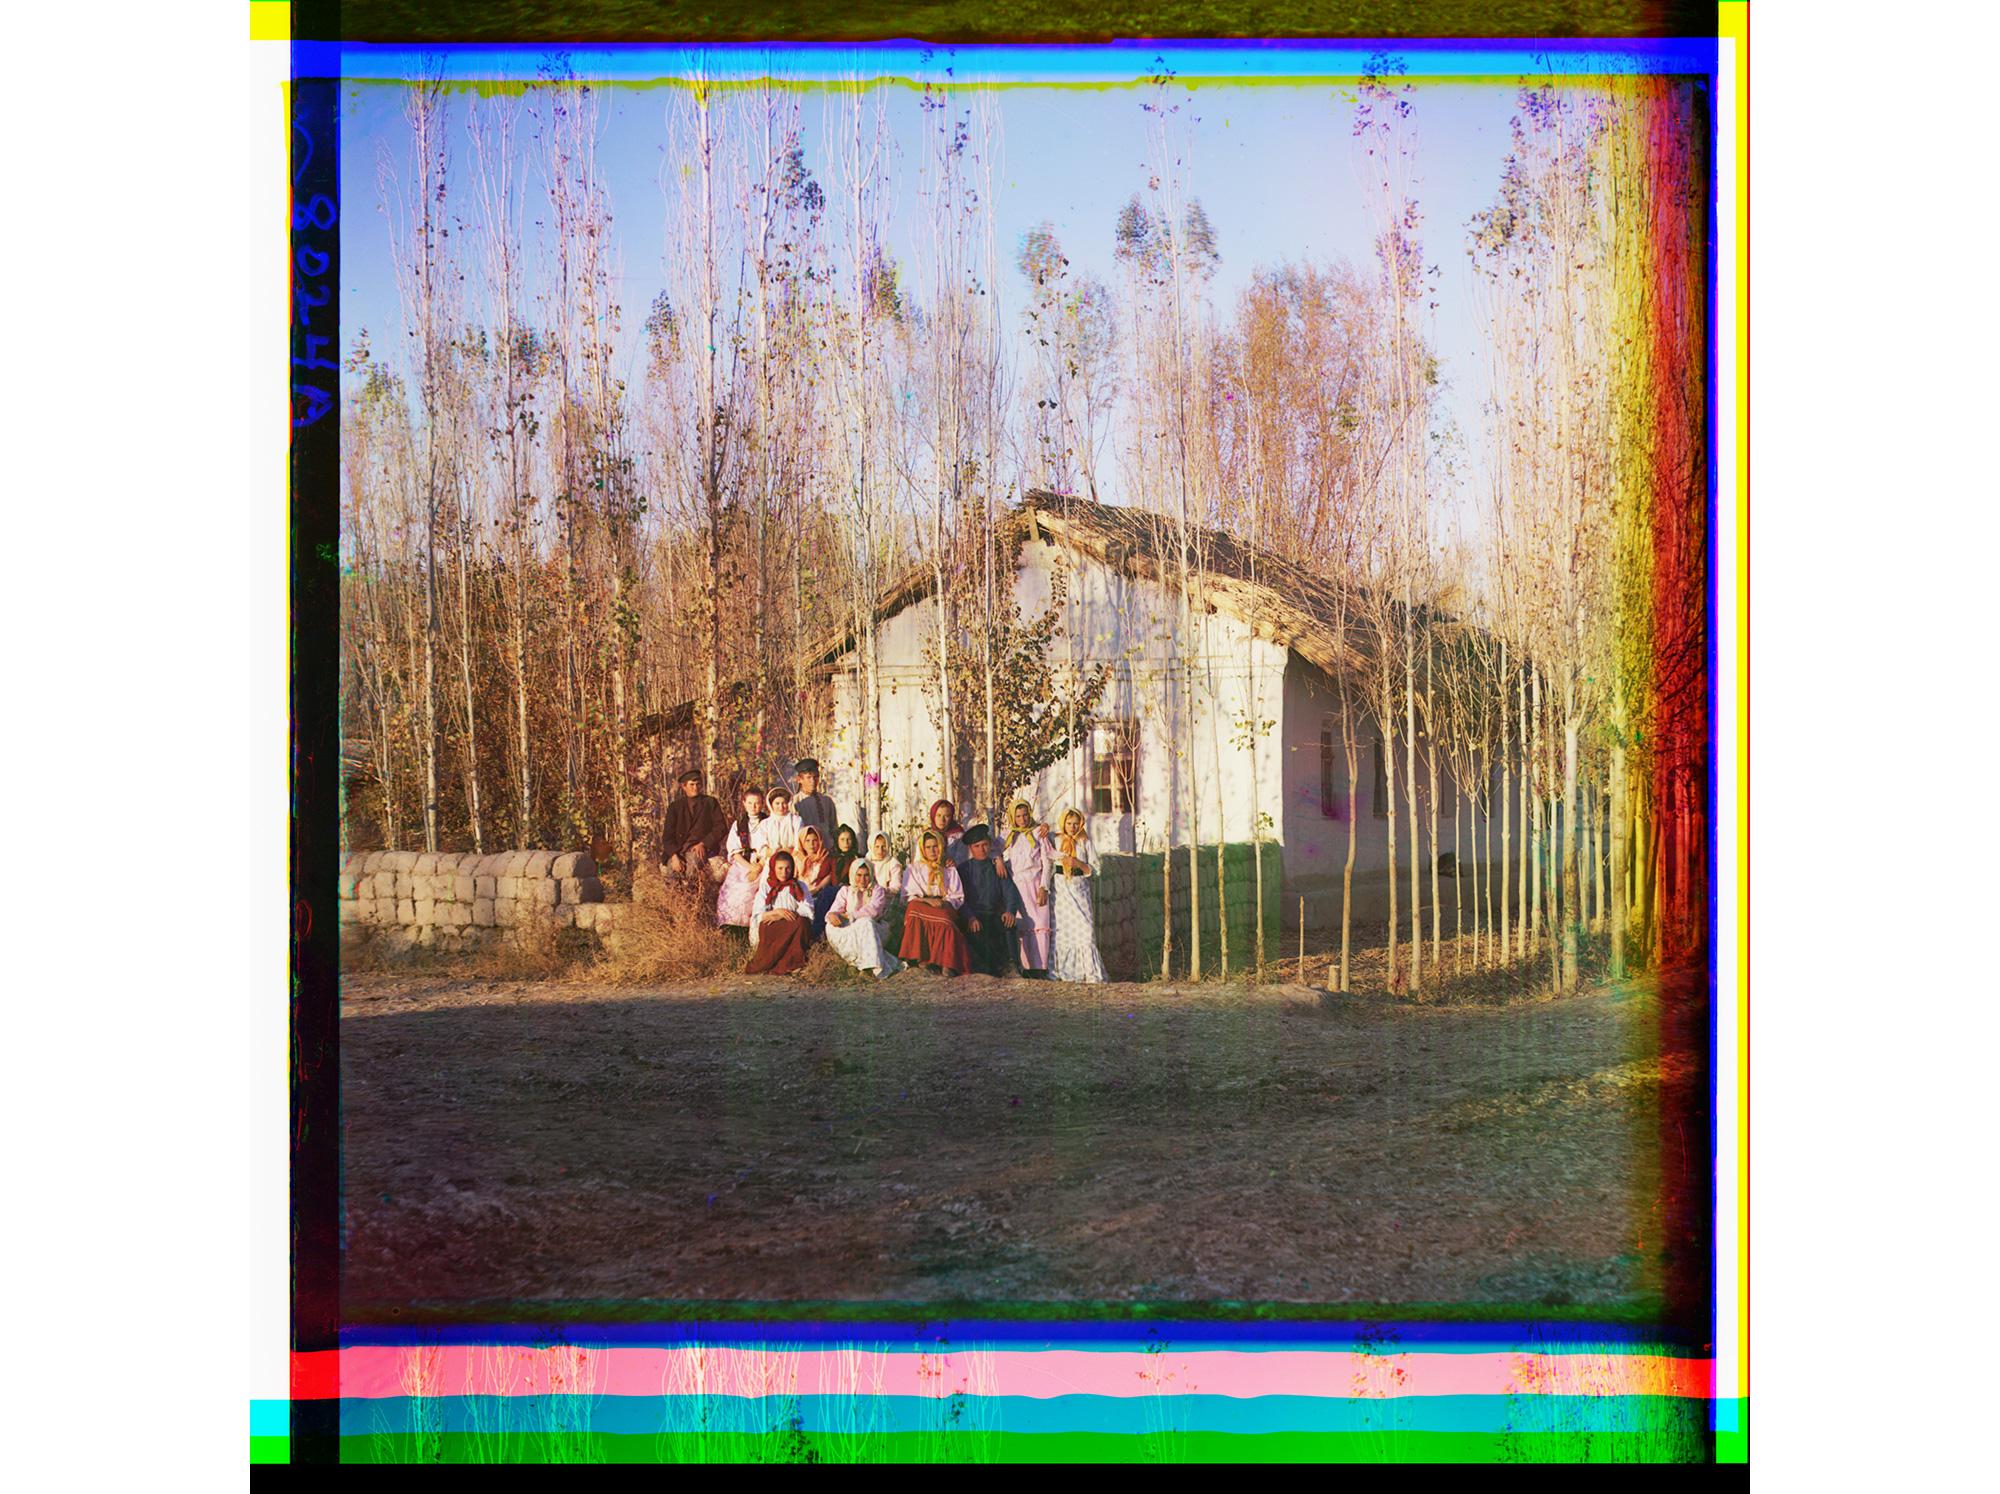 Haus von Umsiedlern mit einer Gruppe von Landarbeitern bei Nadeshdinsk, zwischen 1905 und 1915